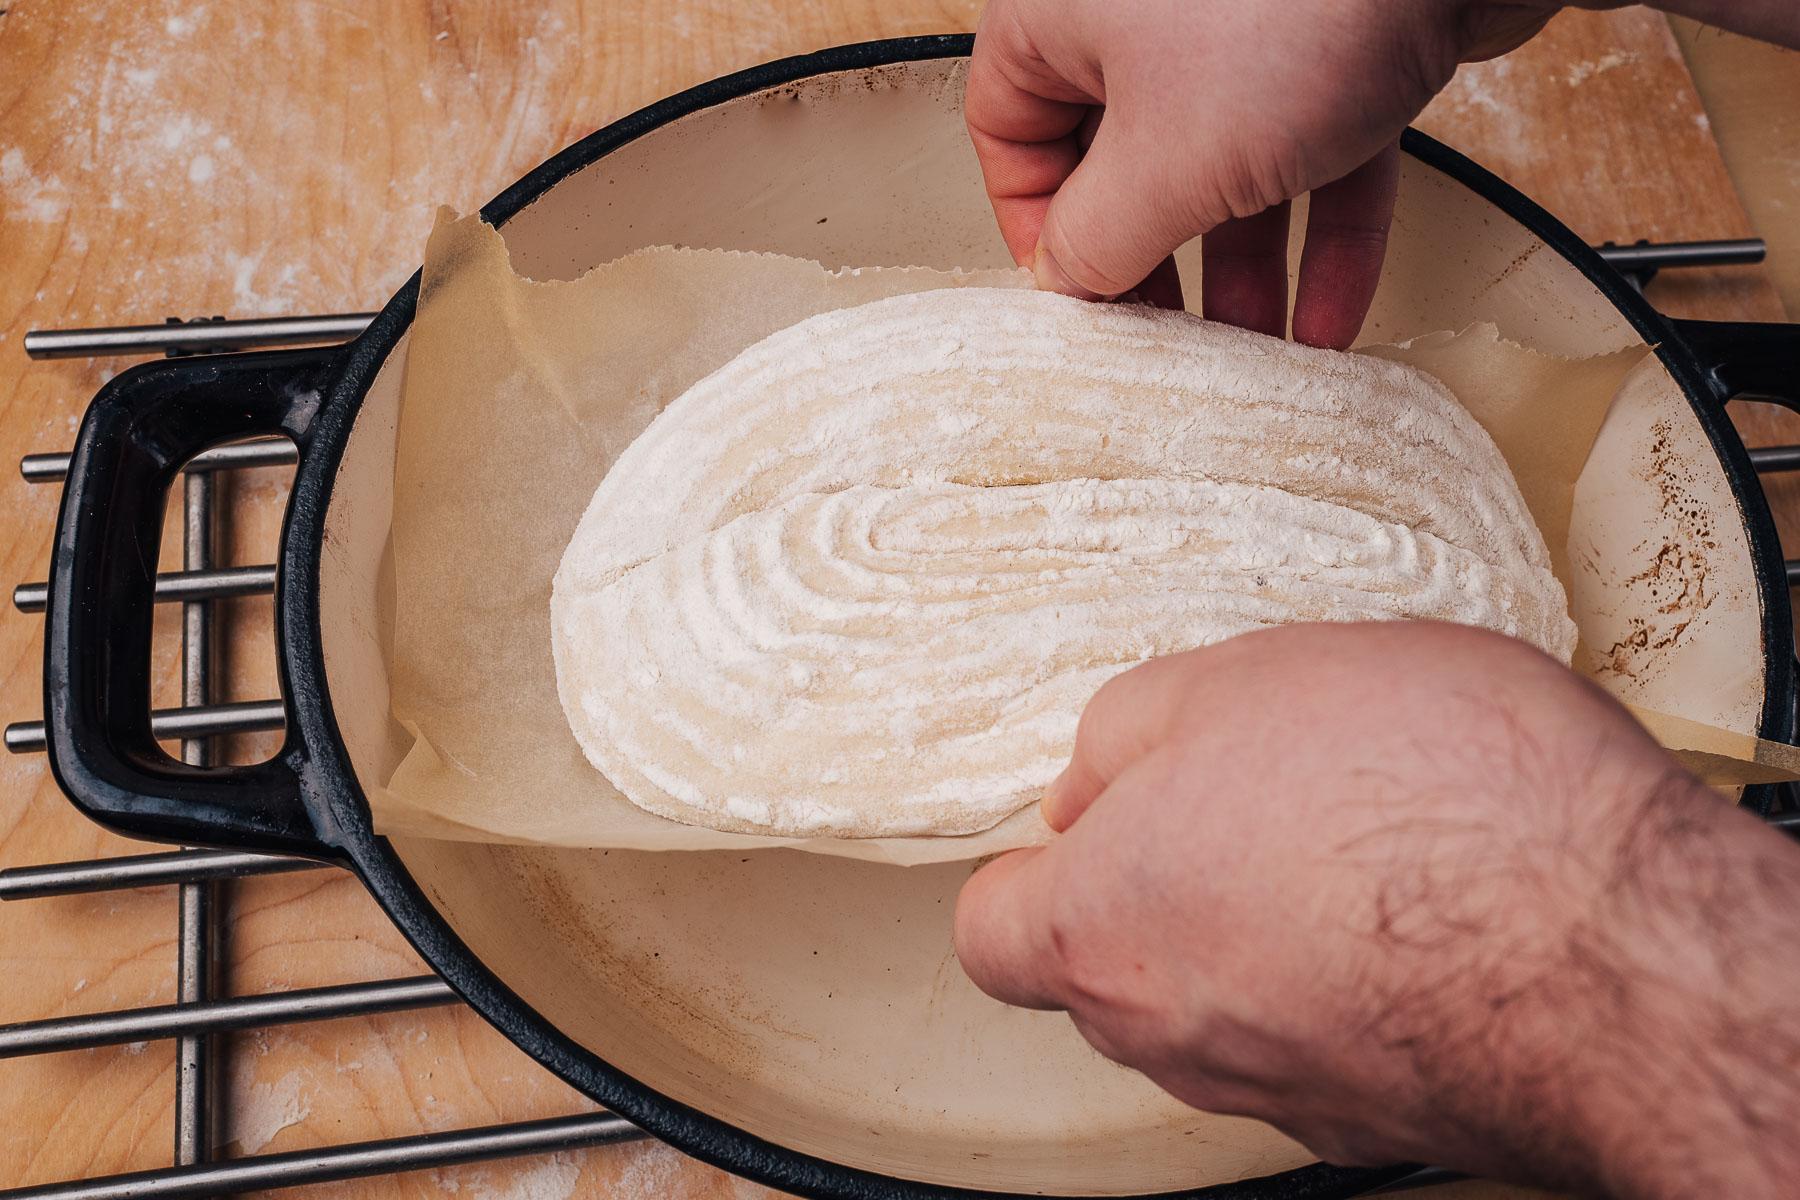 Ostrożnie przełóż ciasto do garnka żeliwnego i zakryj je przykrywką. Następnie włóż do piekarnika.